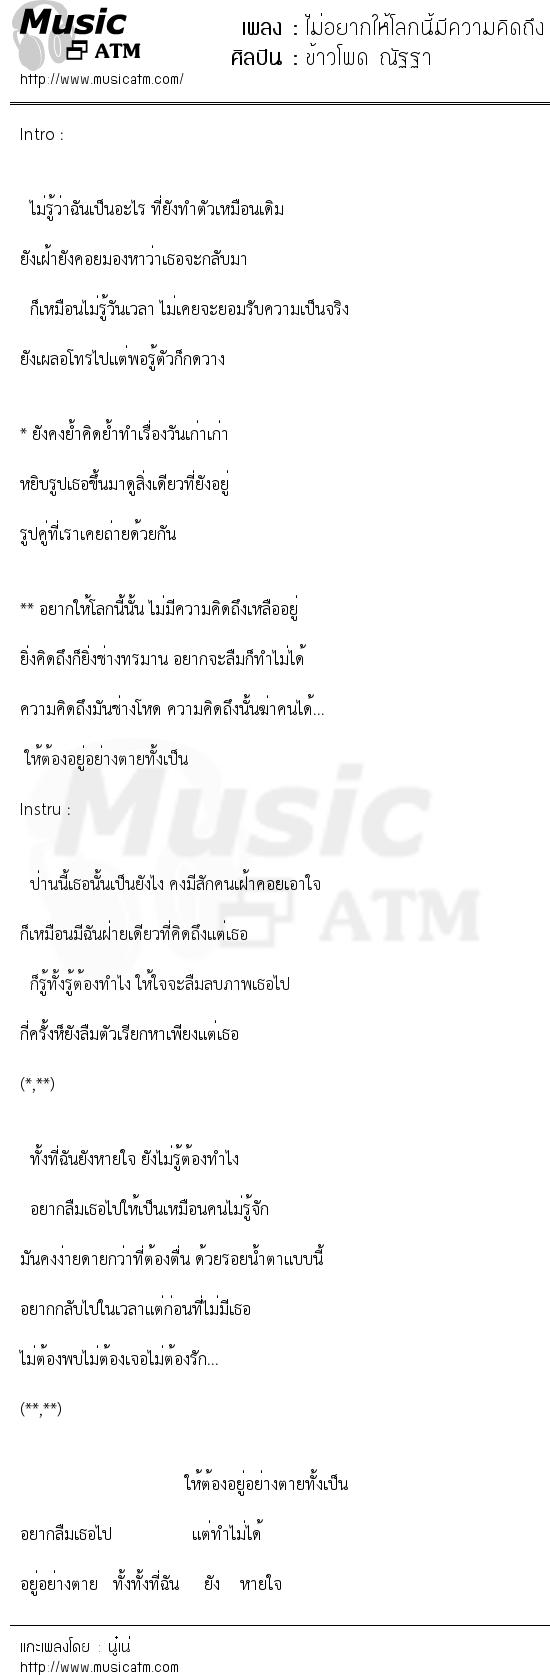 ไม่อยากให้โลกนี้มีความคิดถึง   เพลงไทย